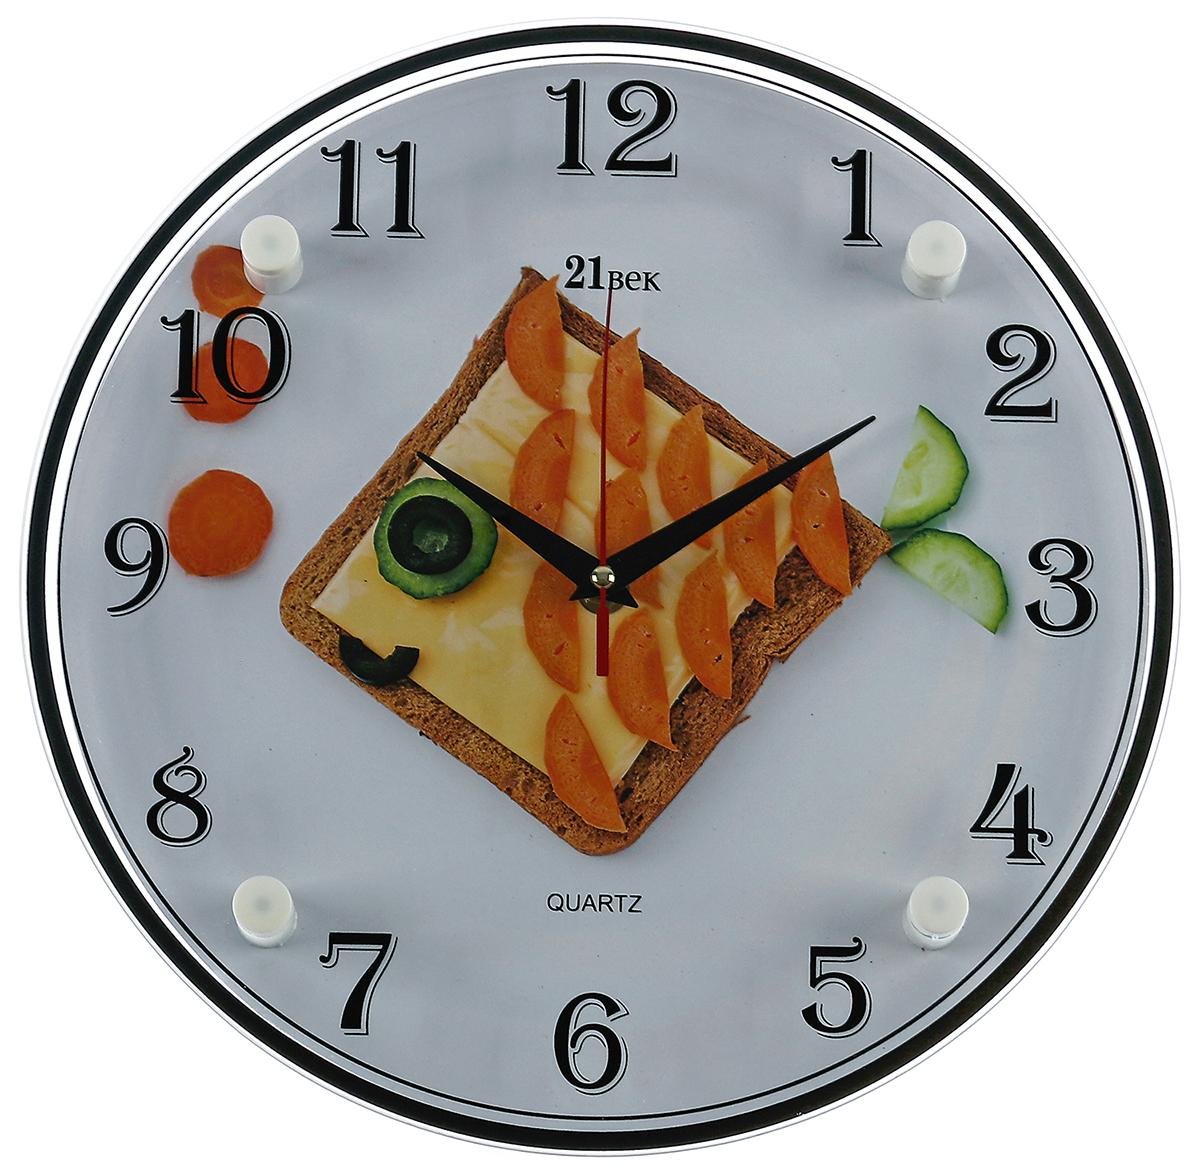 Часы настенные 21 Век Рыбка-бутерброд, диаметр 30 см2976059Каждому хозяину периодически приходит мысль обновить свою квартиру, сделать ремонт, перестановку или кардинально поменять внешний вид каждой комнаты. — привлекательная деталь, которая поможет воплотить вашу интерьерную идею, создать неповторимую атмосферу в вашем доме. Окружите себя приятными мелочами, пусть они радуют глаз и дарят гармонию.— сувенир в полном смысле этого слова. И главная его задача — хранить воспоминание о месте, где вы побывали, или о том человеке, который подарил данный предмет. Преподнесите эту вещь своему другу, и она станет достойным украшением его дома.Часы настенные круглые Рыбка-бутерброд 30х30 см 2976059